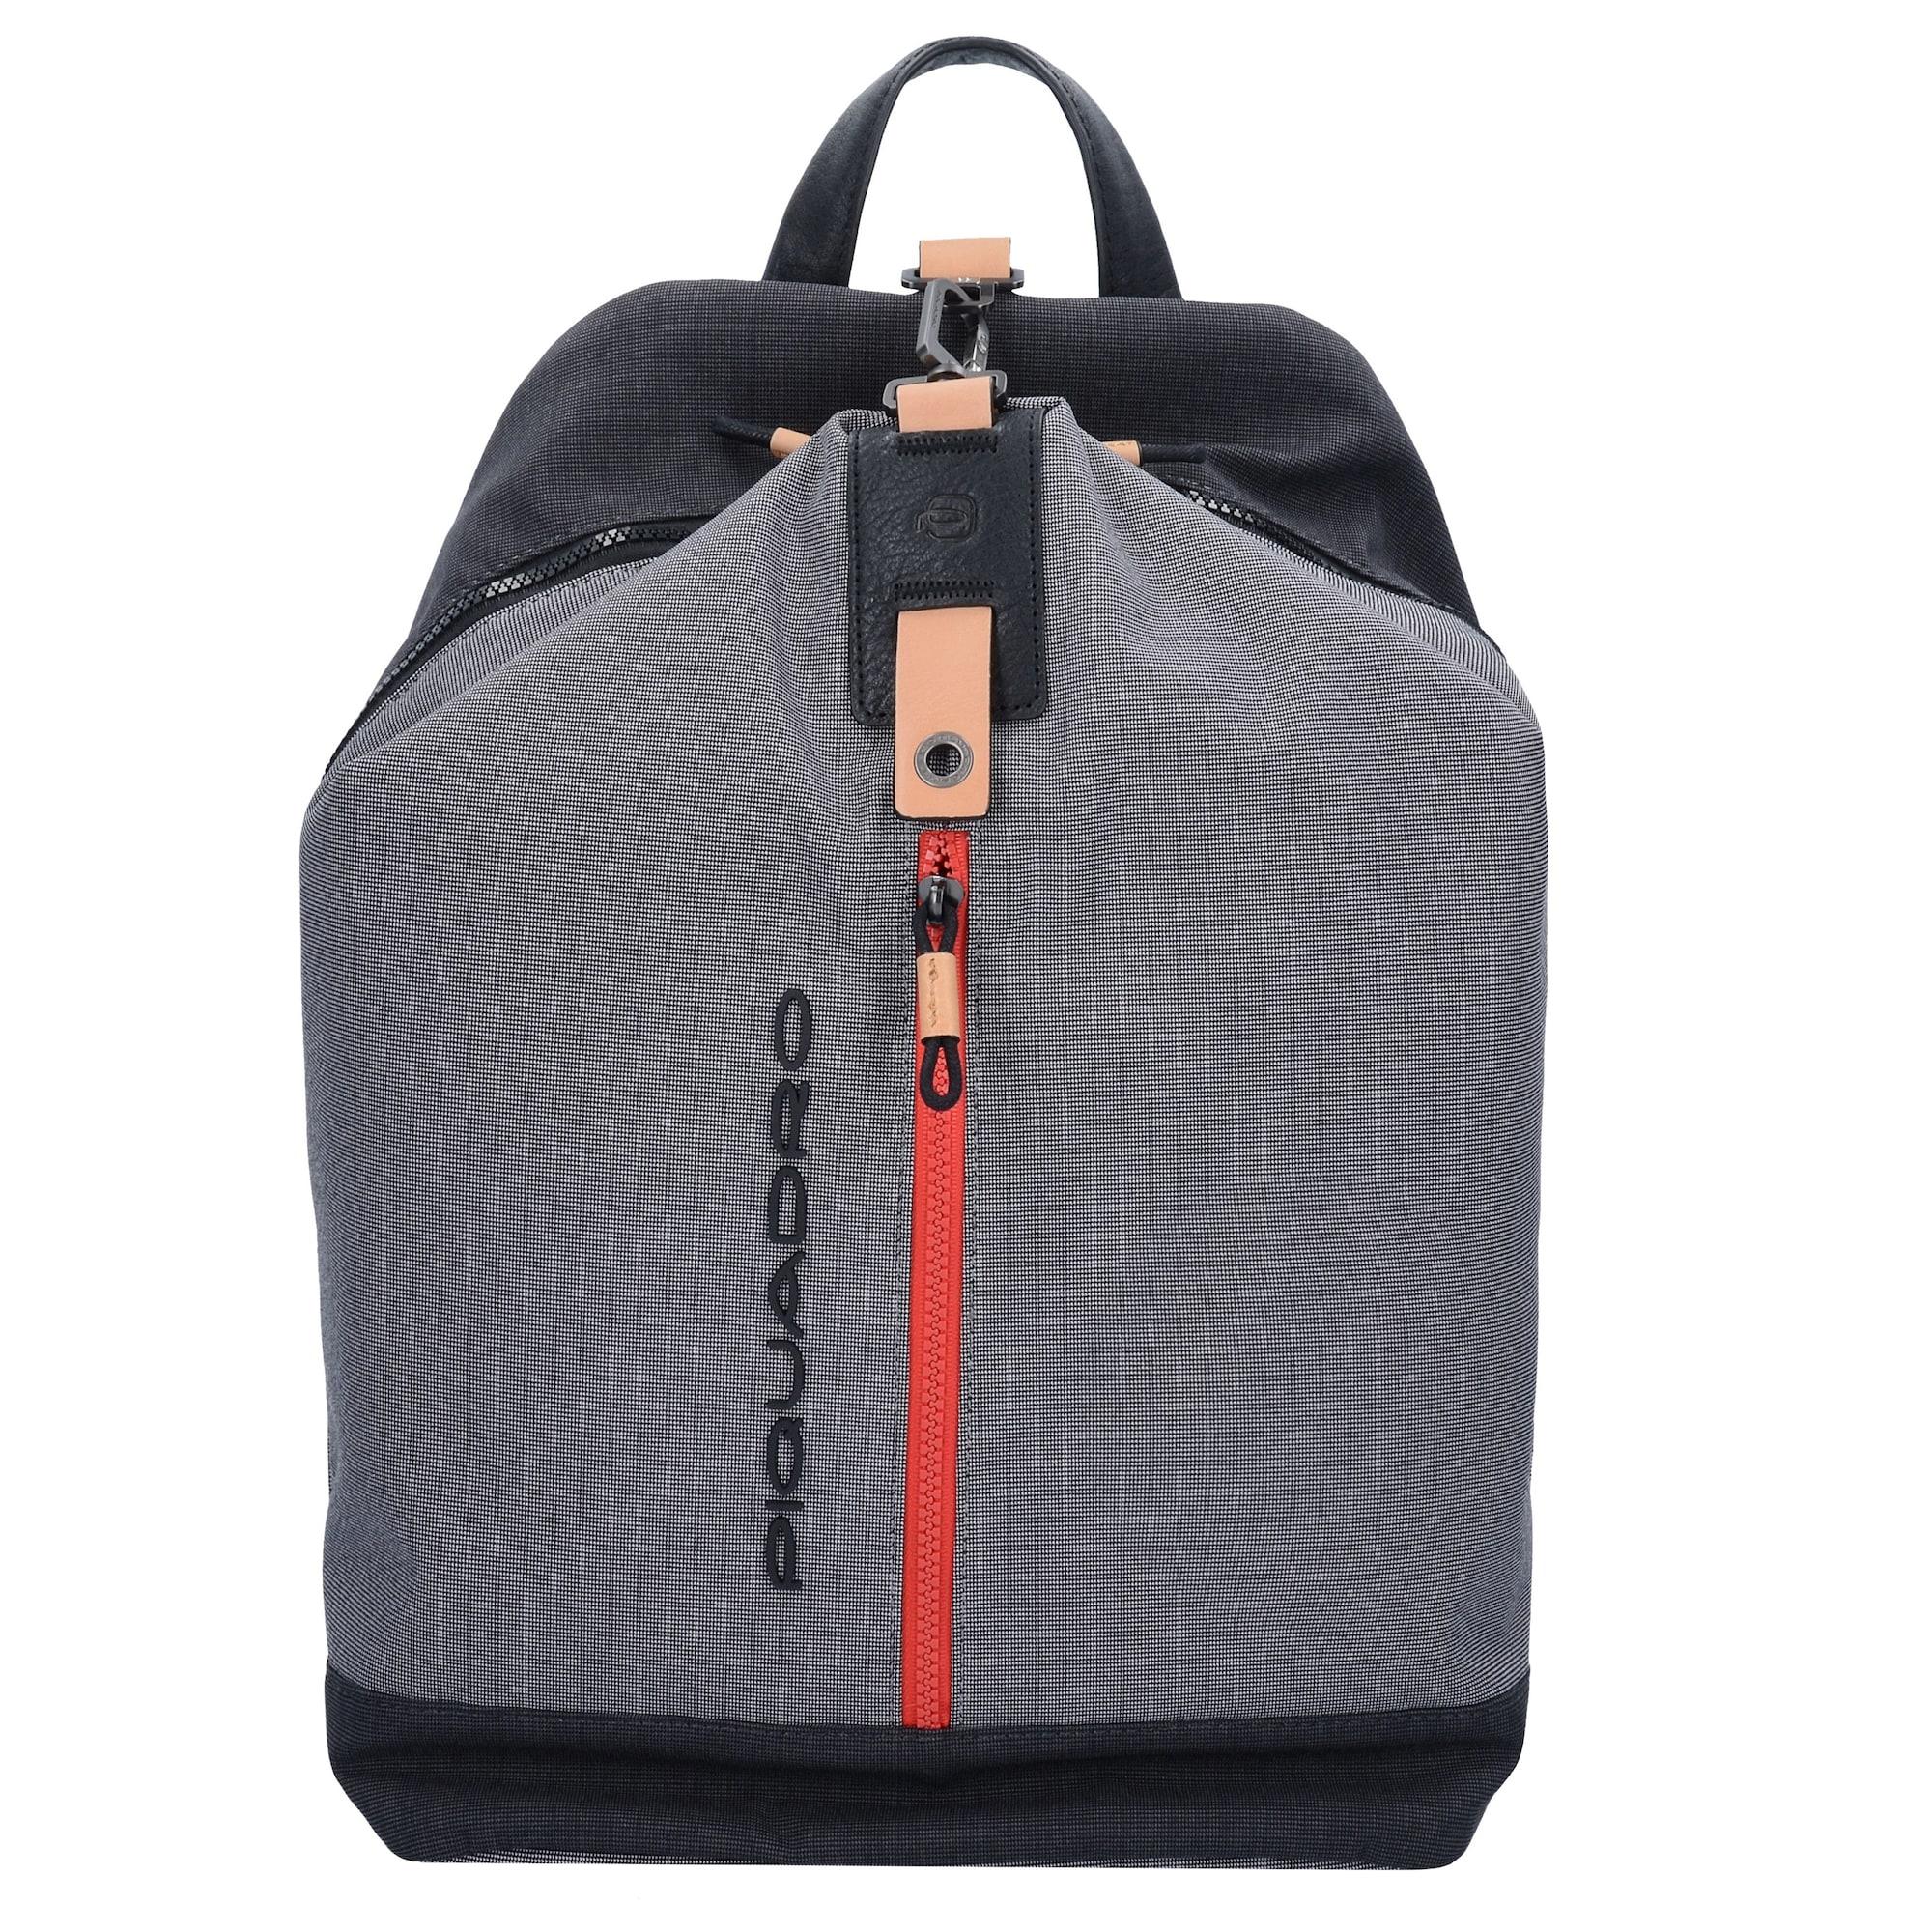 Business Rucksack 'Blade' | Taschen > Businesstaschen | Piquadro